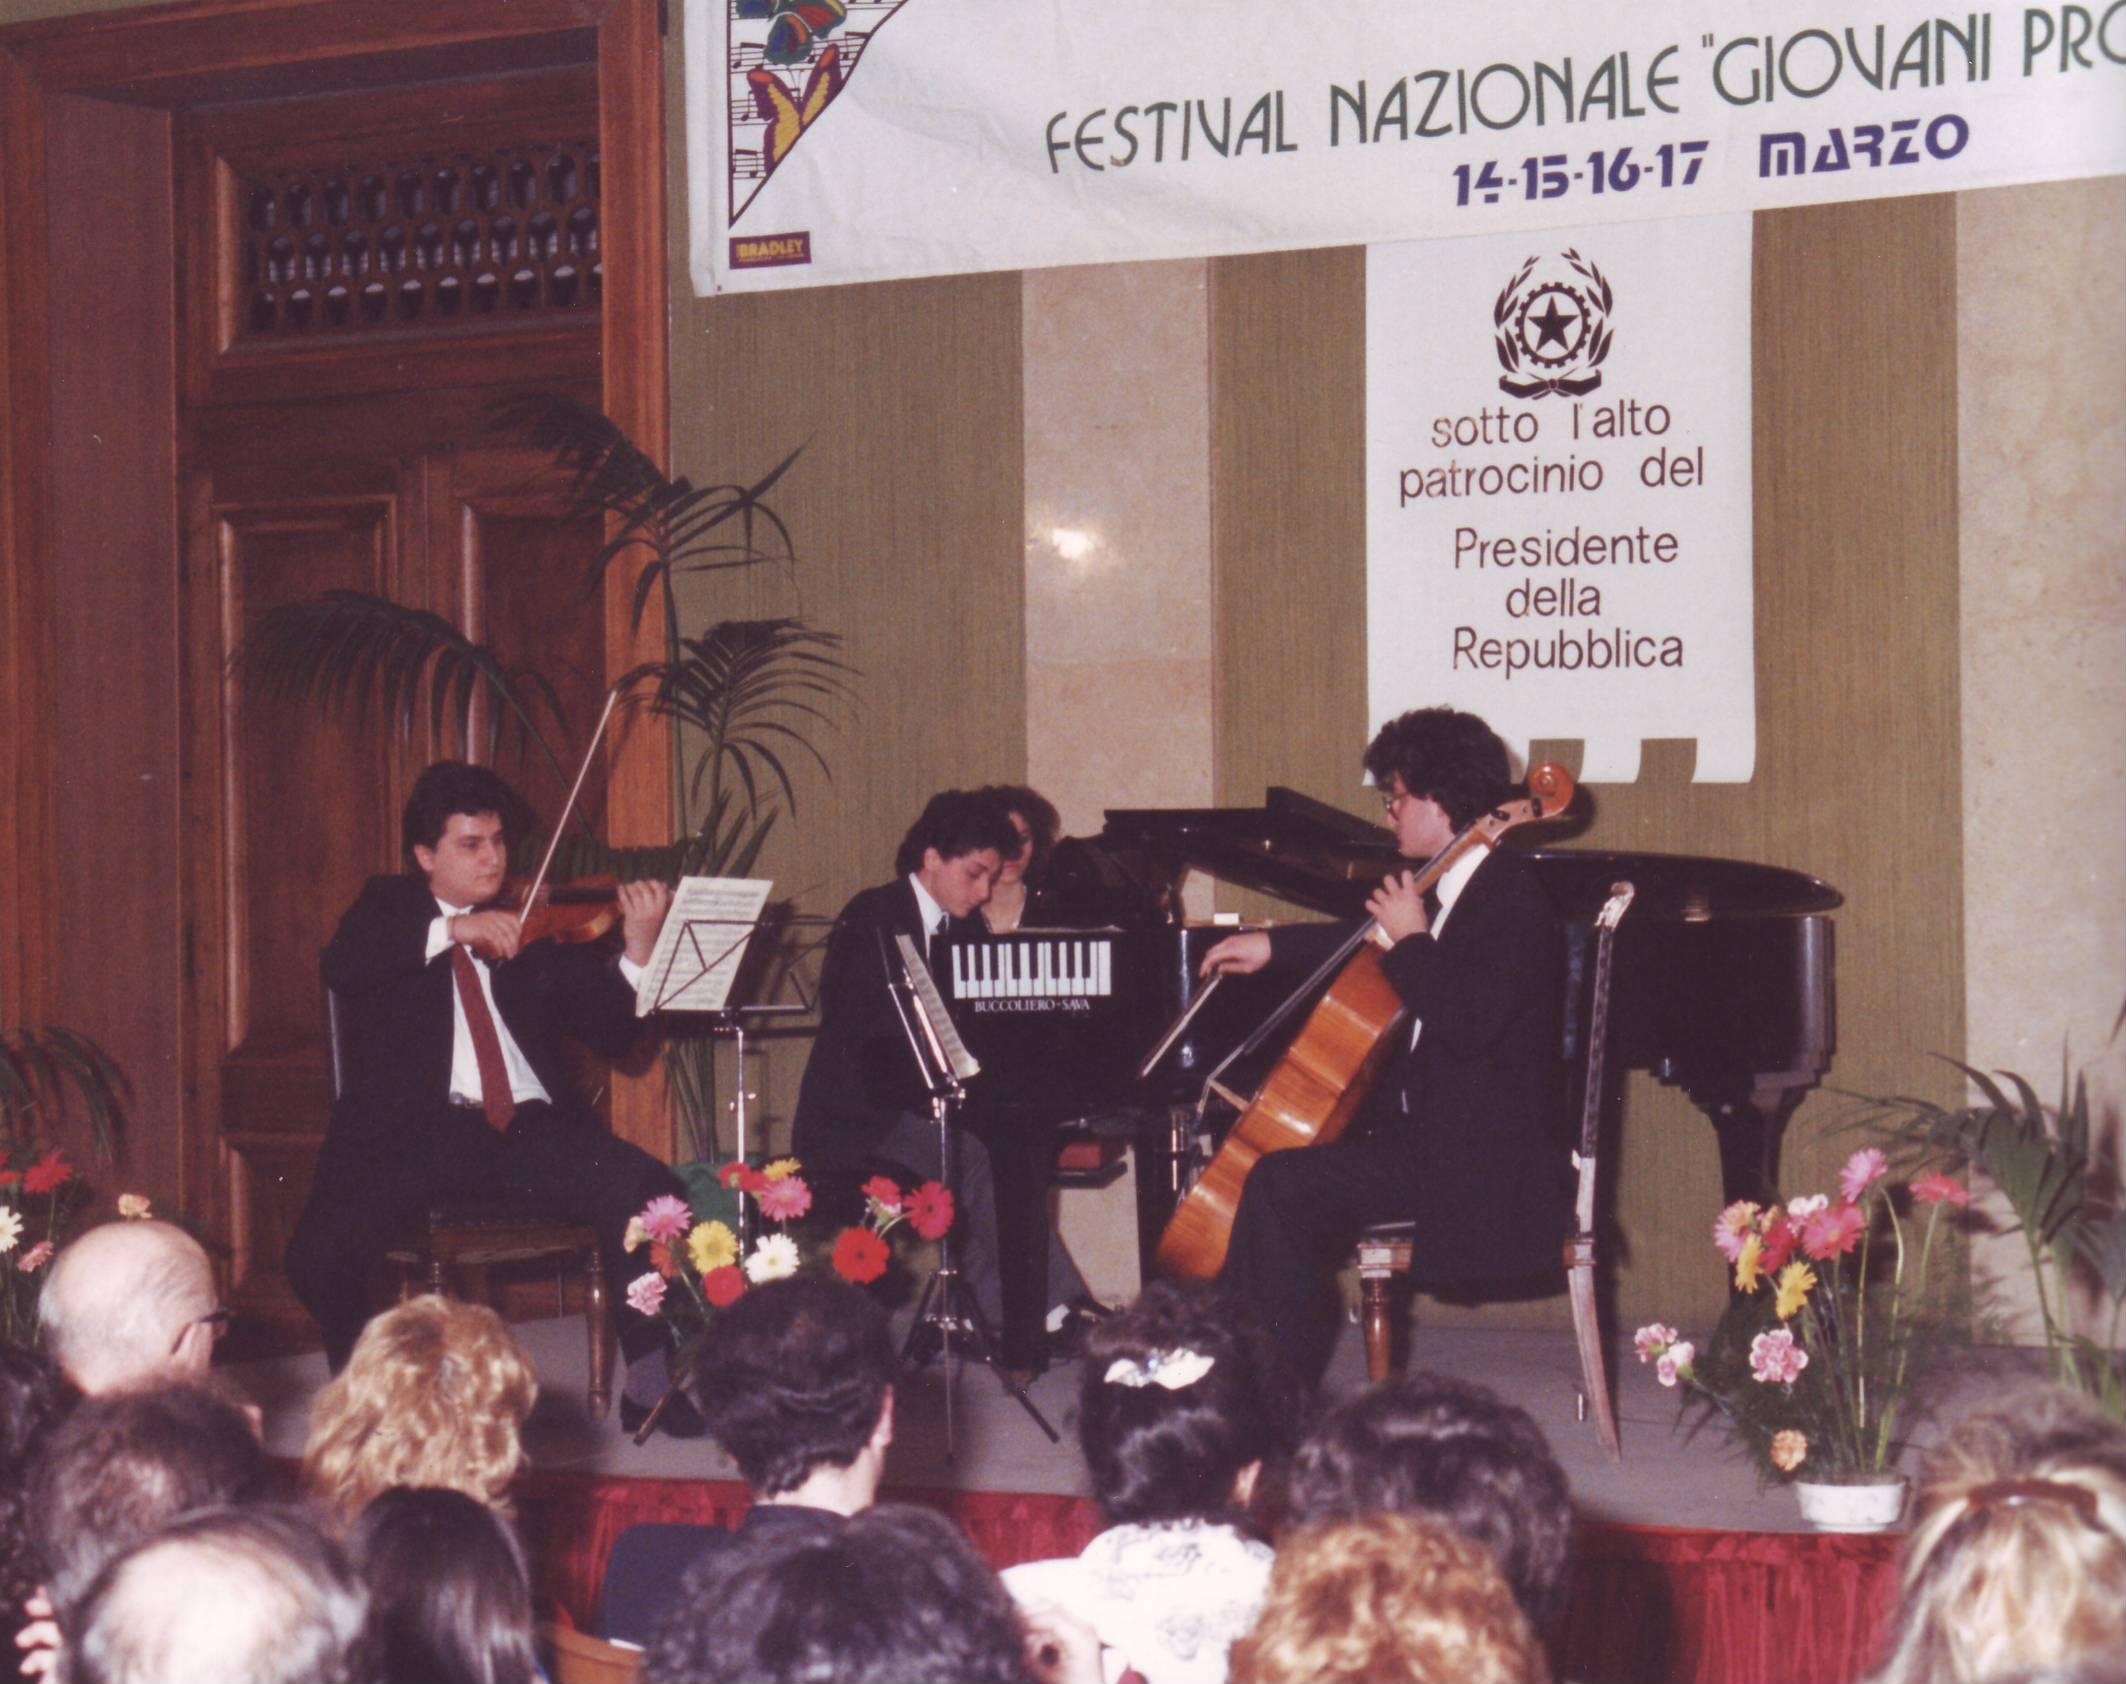 Alberto trio smetana0003